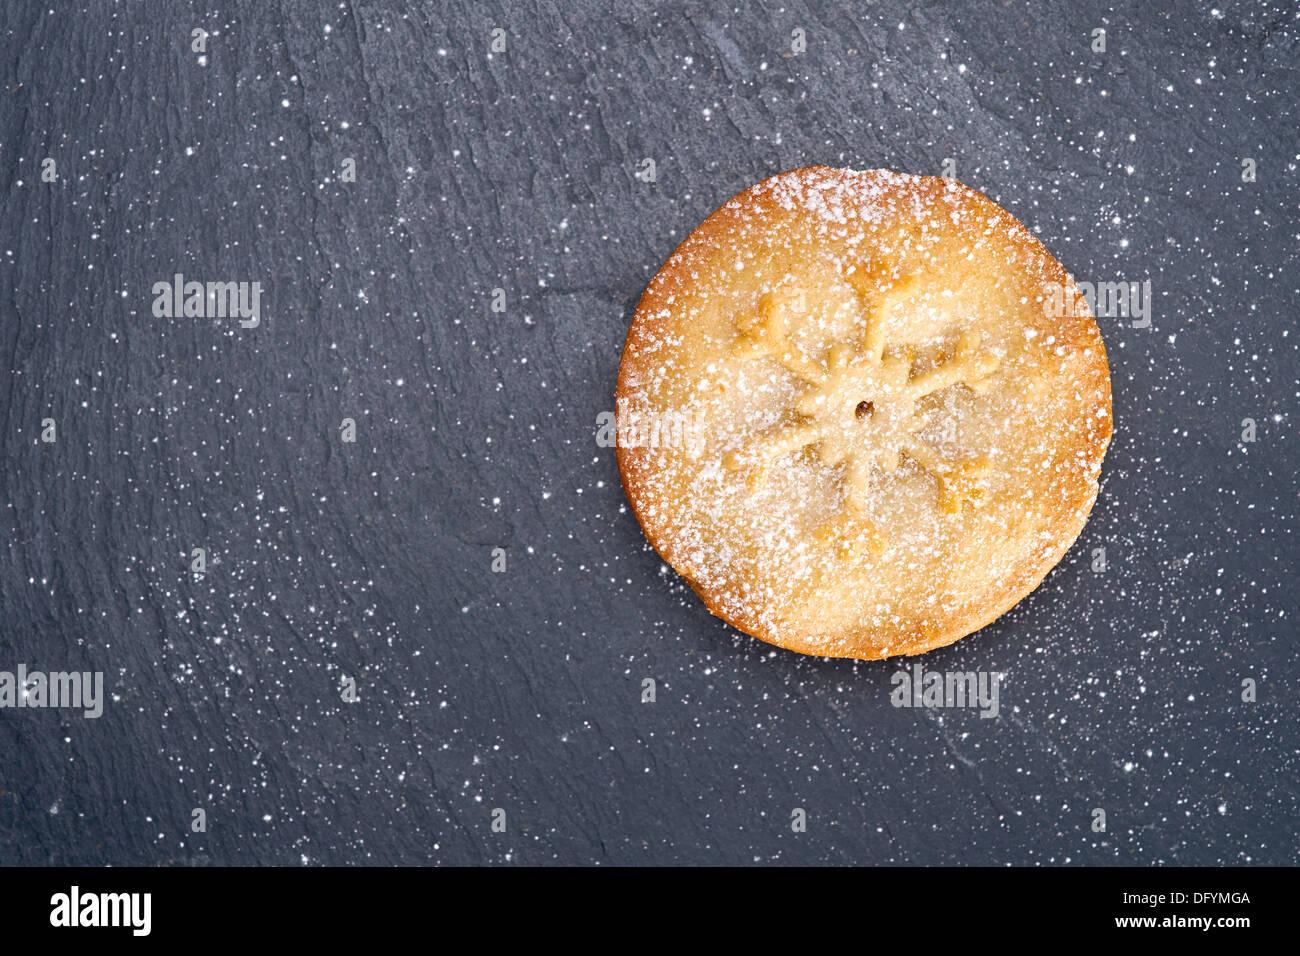 Süße Weihnachten Mince Pie auf einer Tafel Kühlung Board. Stockbild